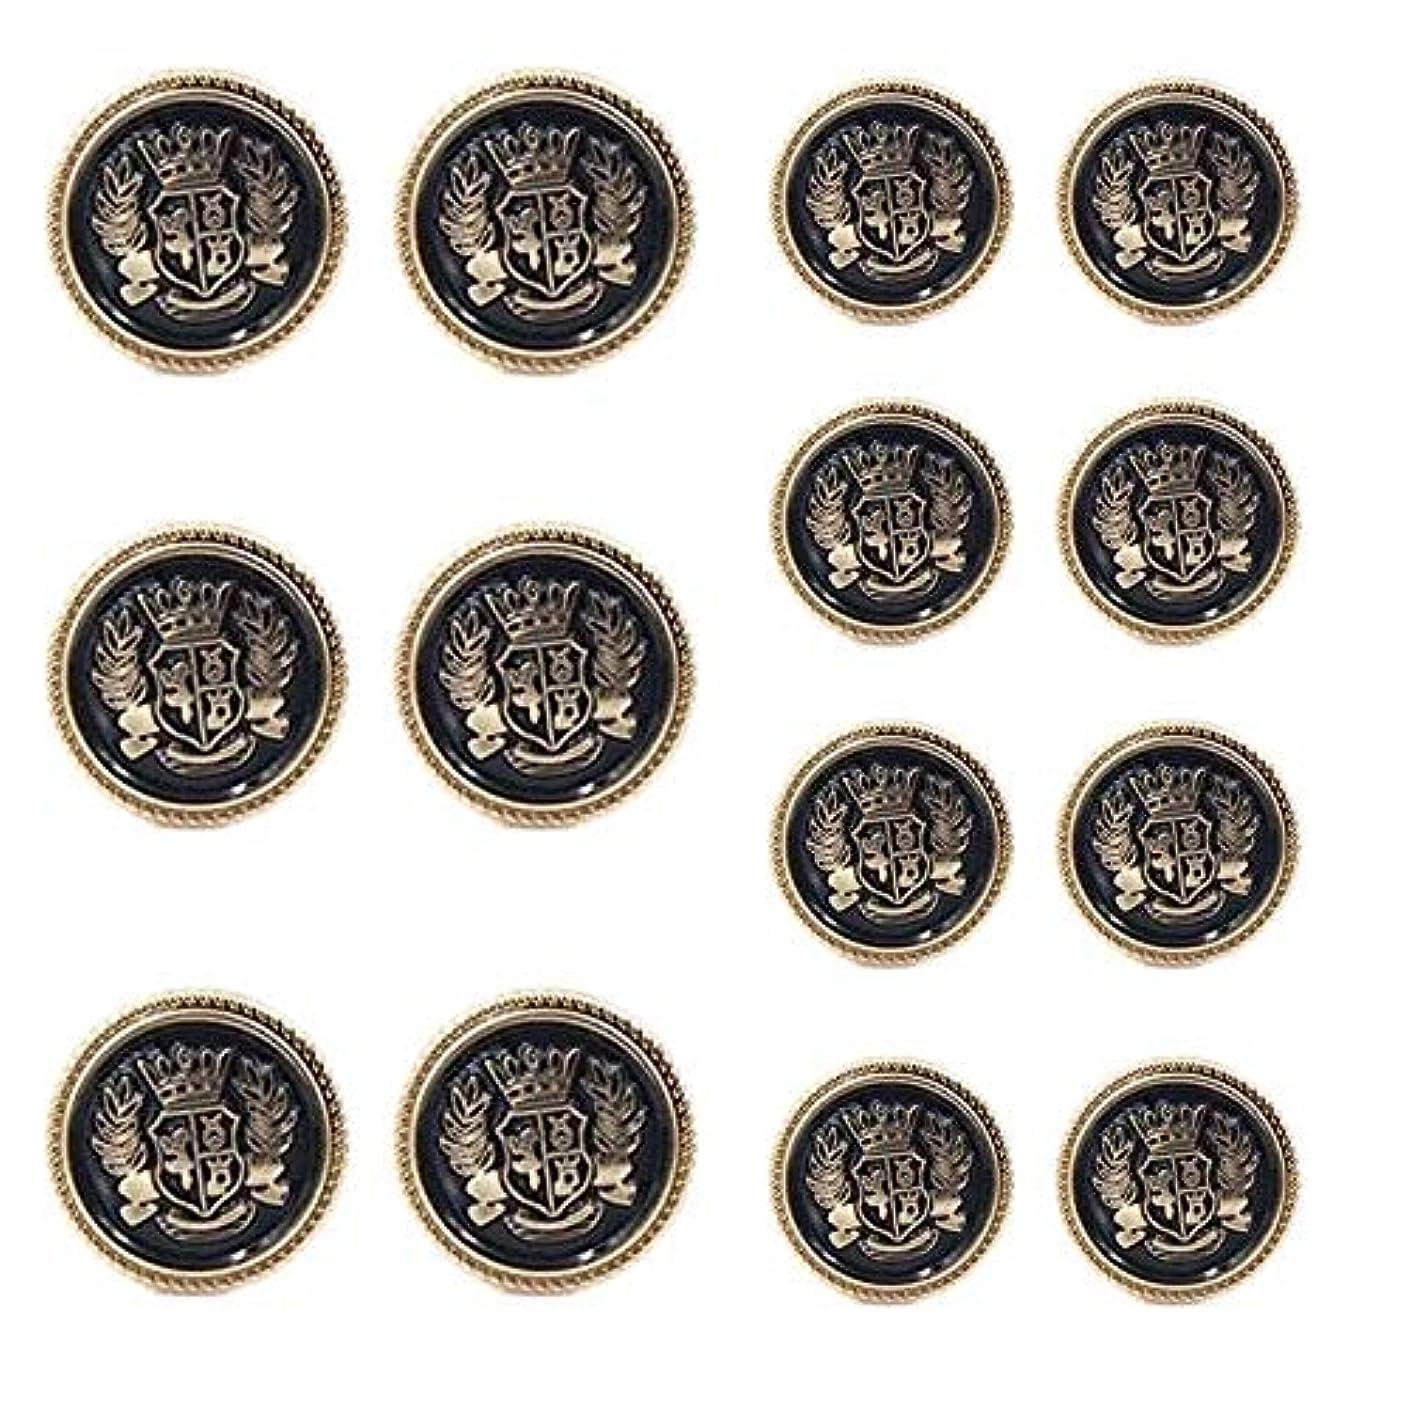 Chris.W 14 Pieces Antique Metal Blazer Buttons Set for Suits, Sport Coat, Uniform, Jackets, 6 Pieces 20mm and 8 Pieces 15mm, Shank Style(Gold & Black)